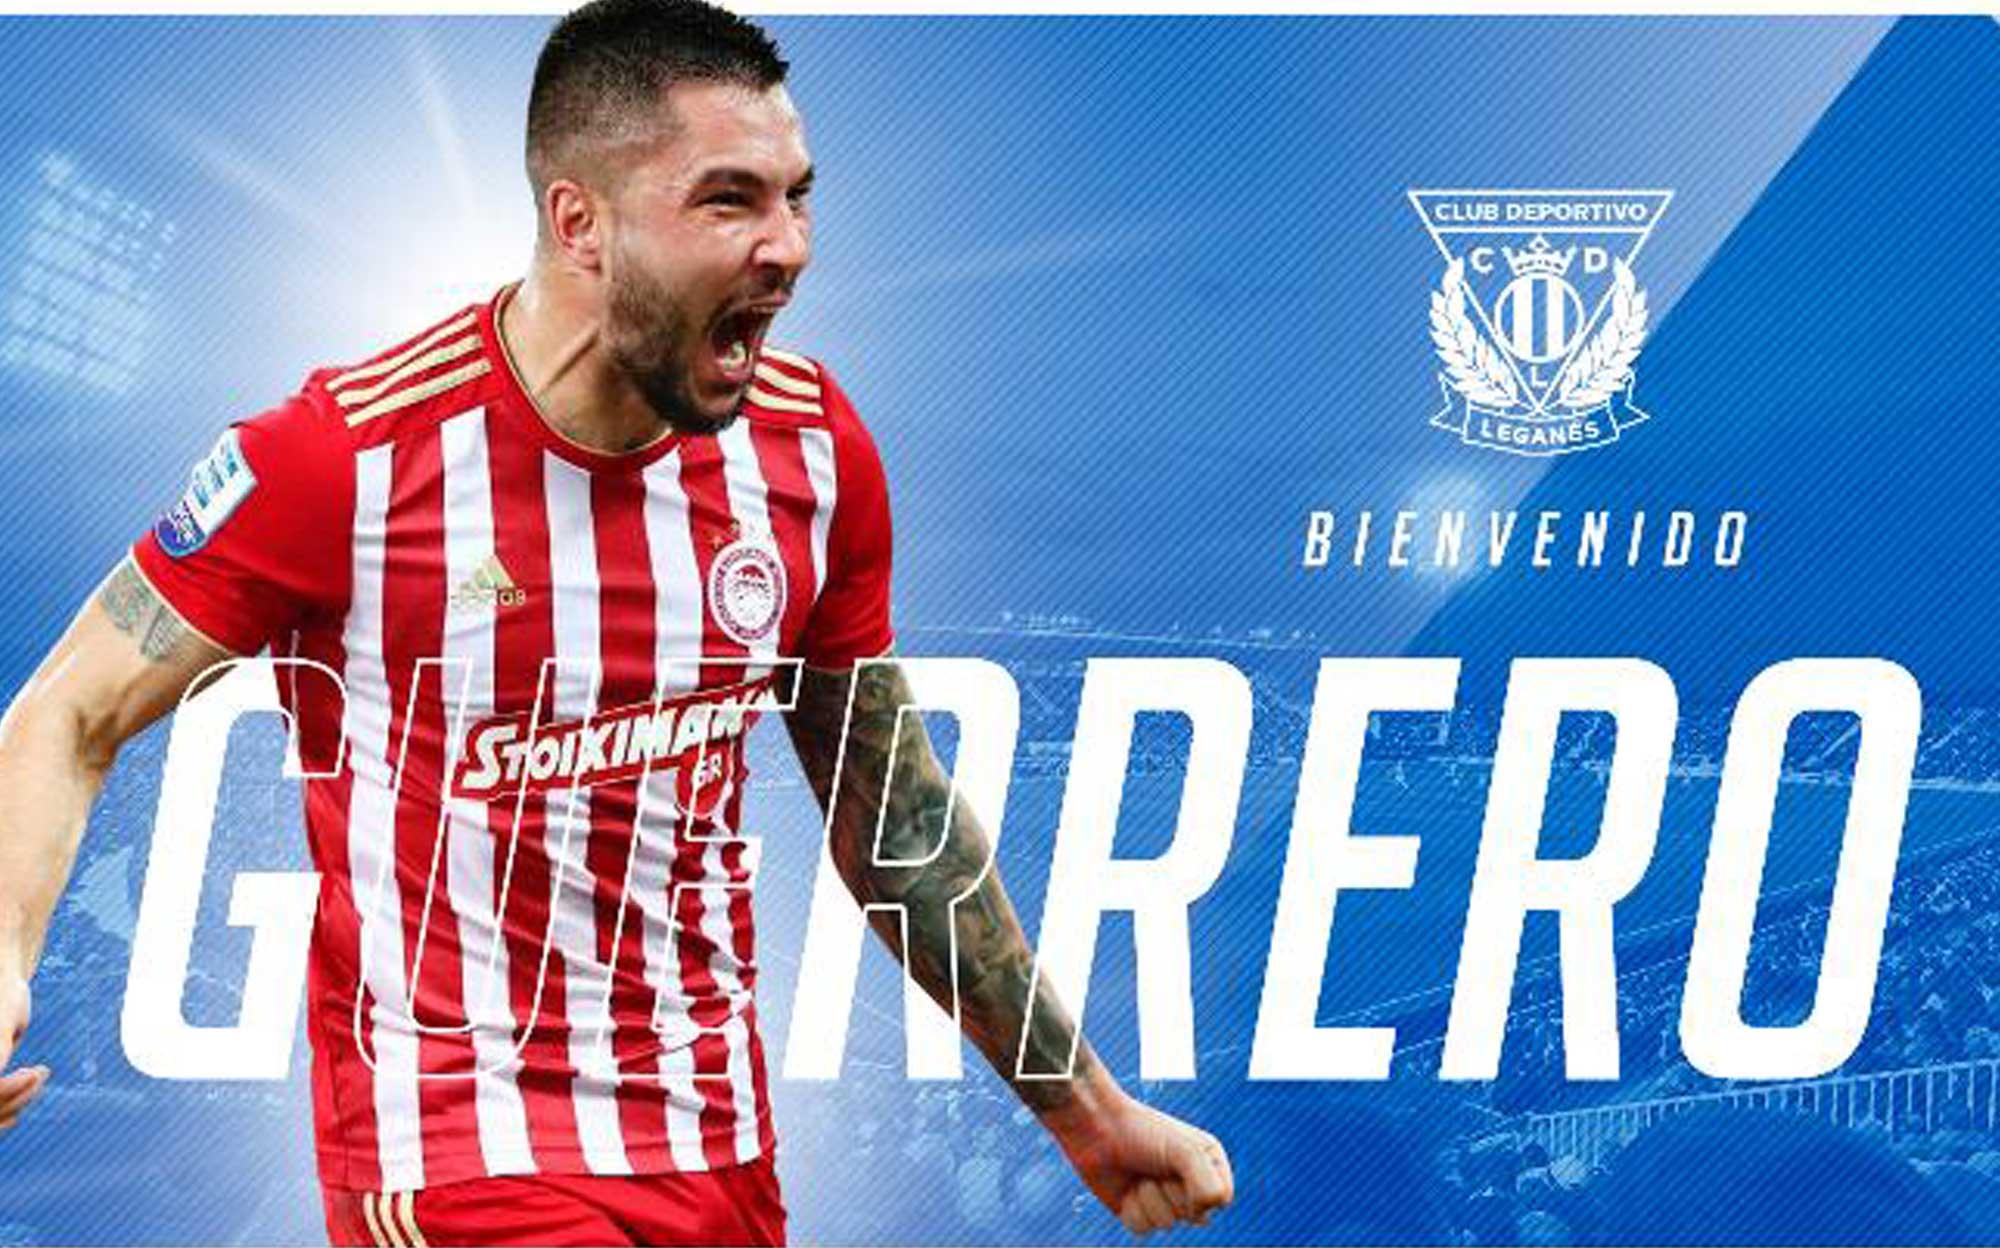 Foto de Miguel Ángel Guerrero, nuevo jugador del Club Deportivo Leganés